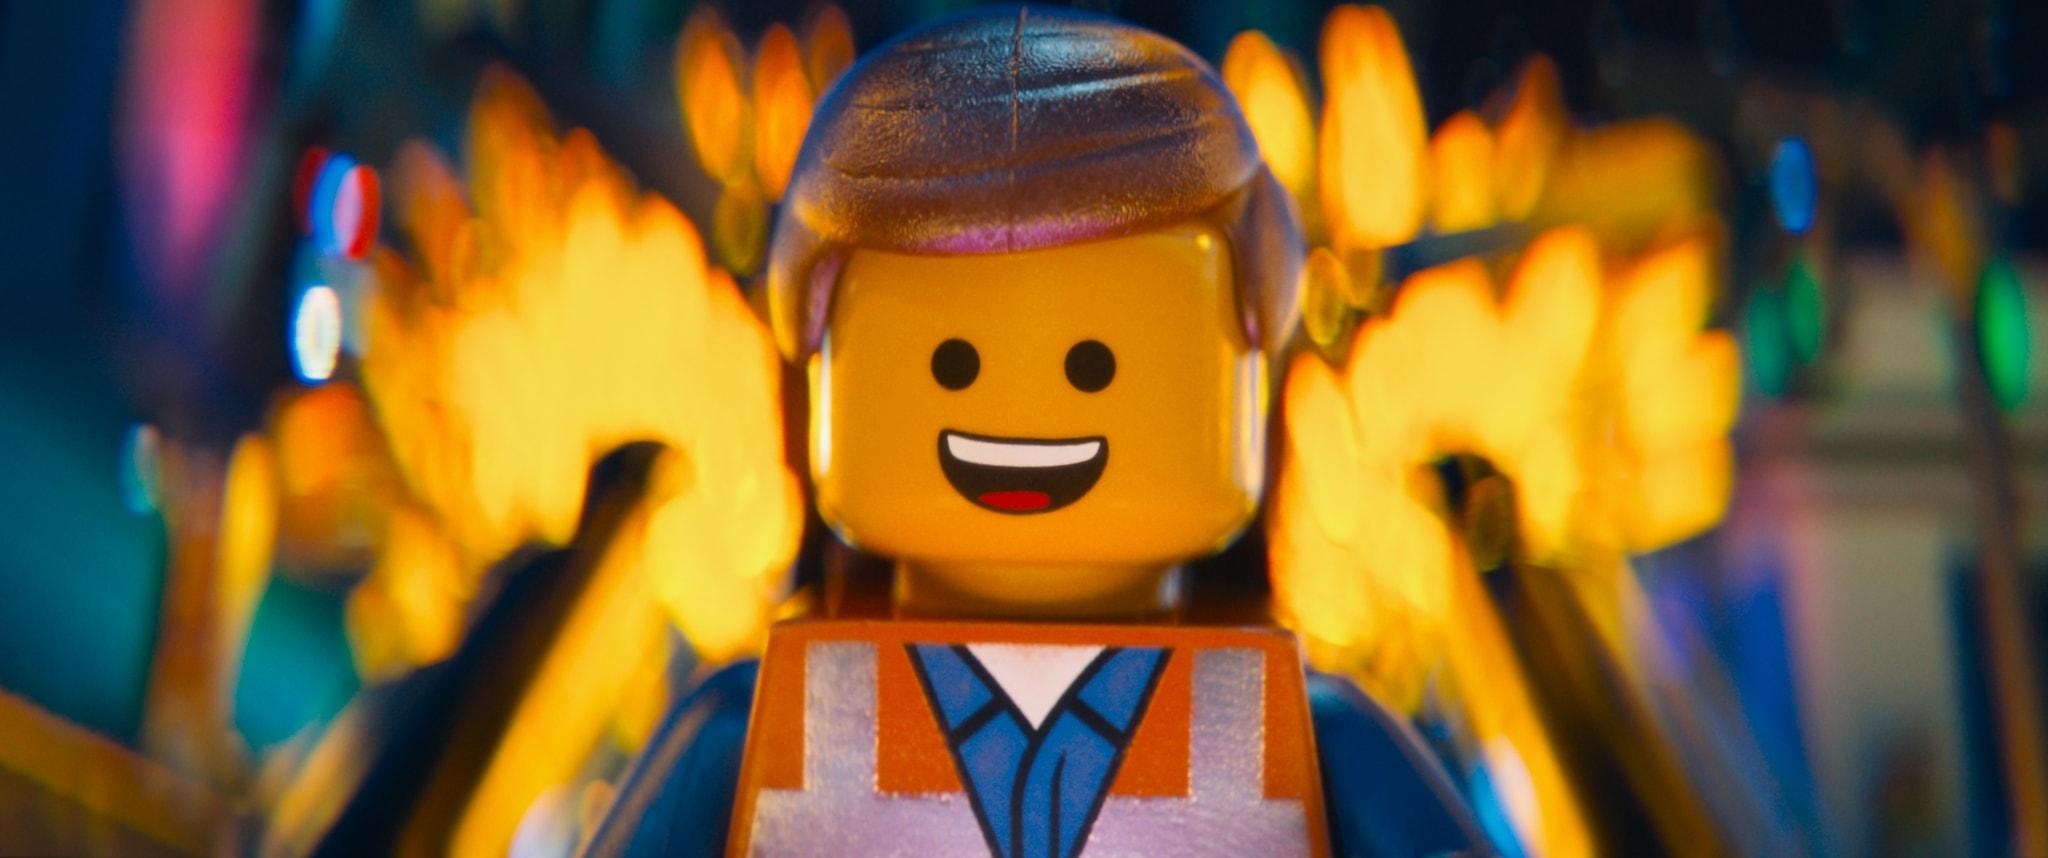 The Lego Movie image courtesy of Animal Logic